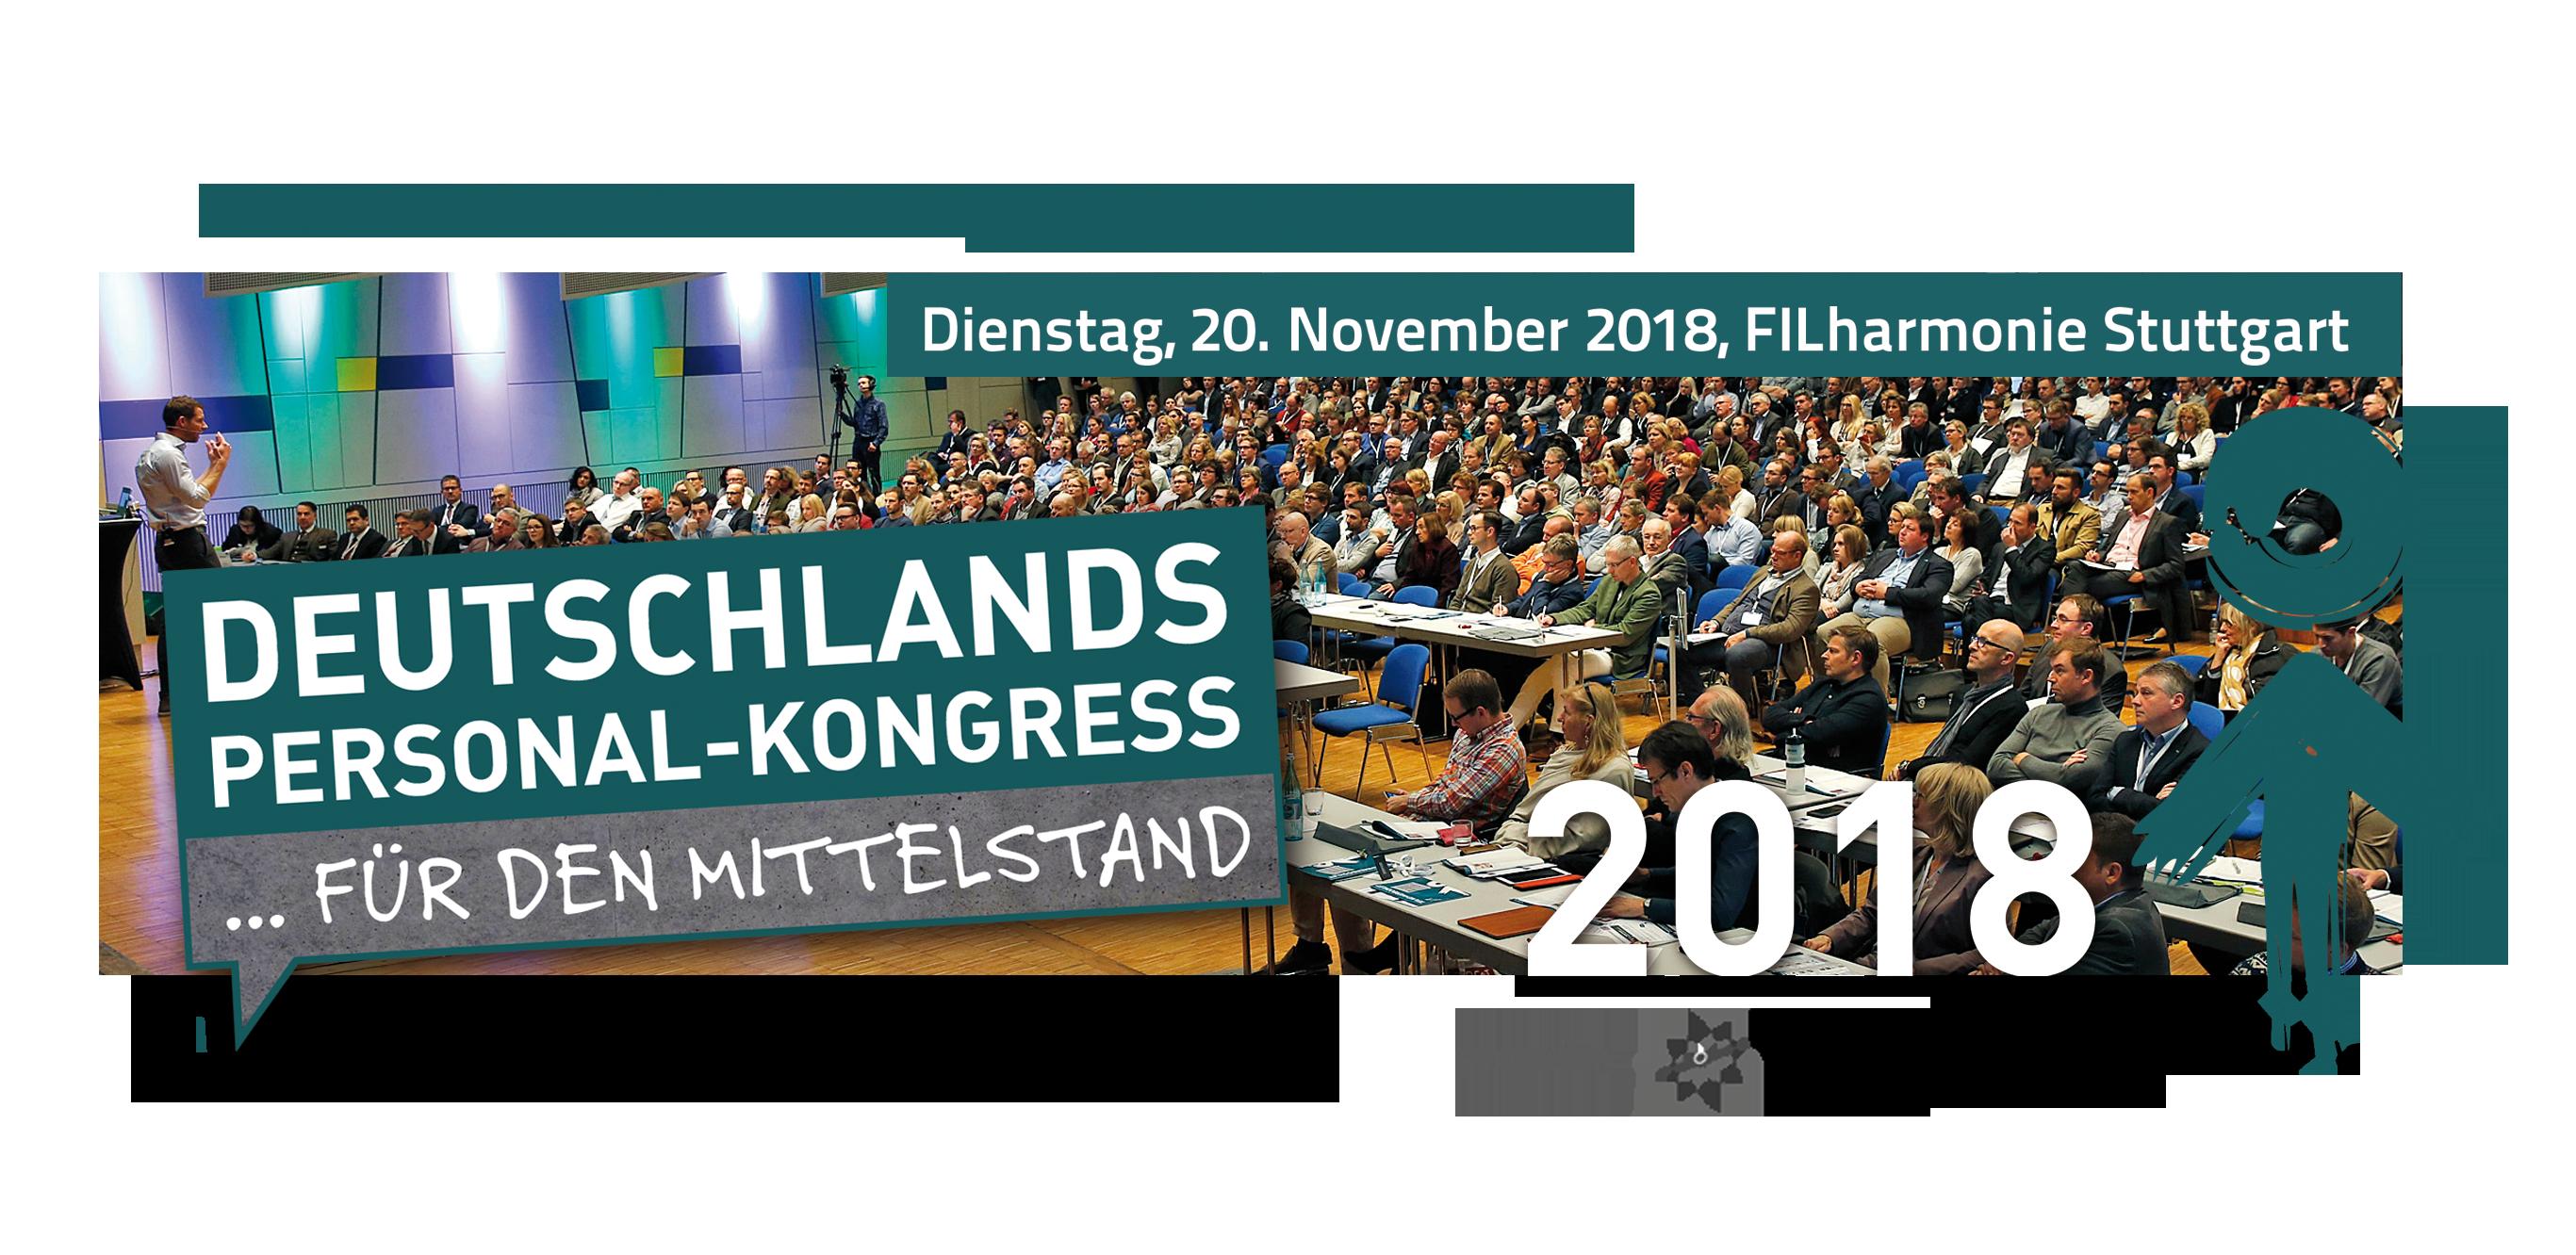 deutschland-personal-kongress-2018